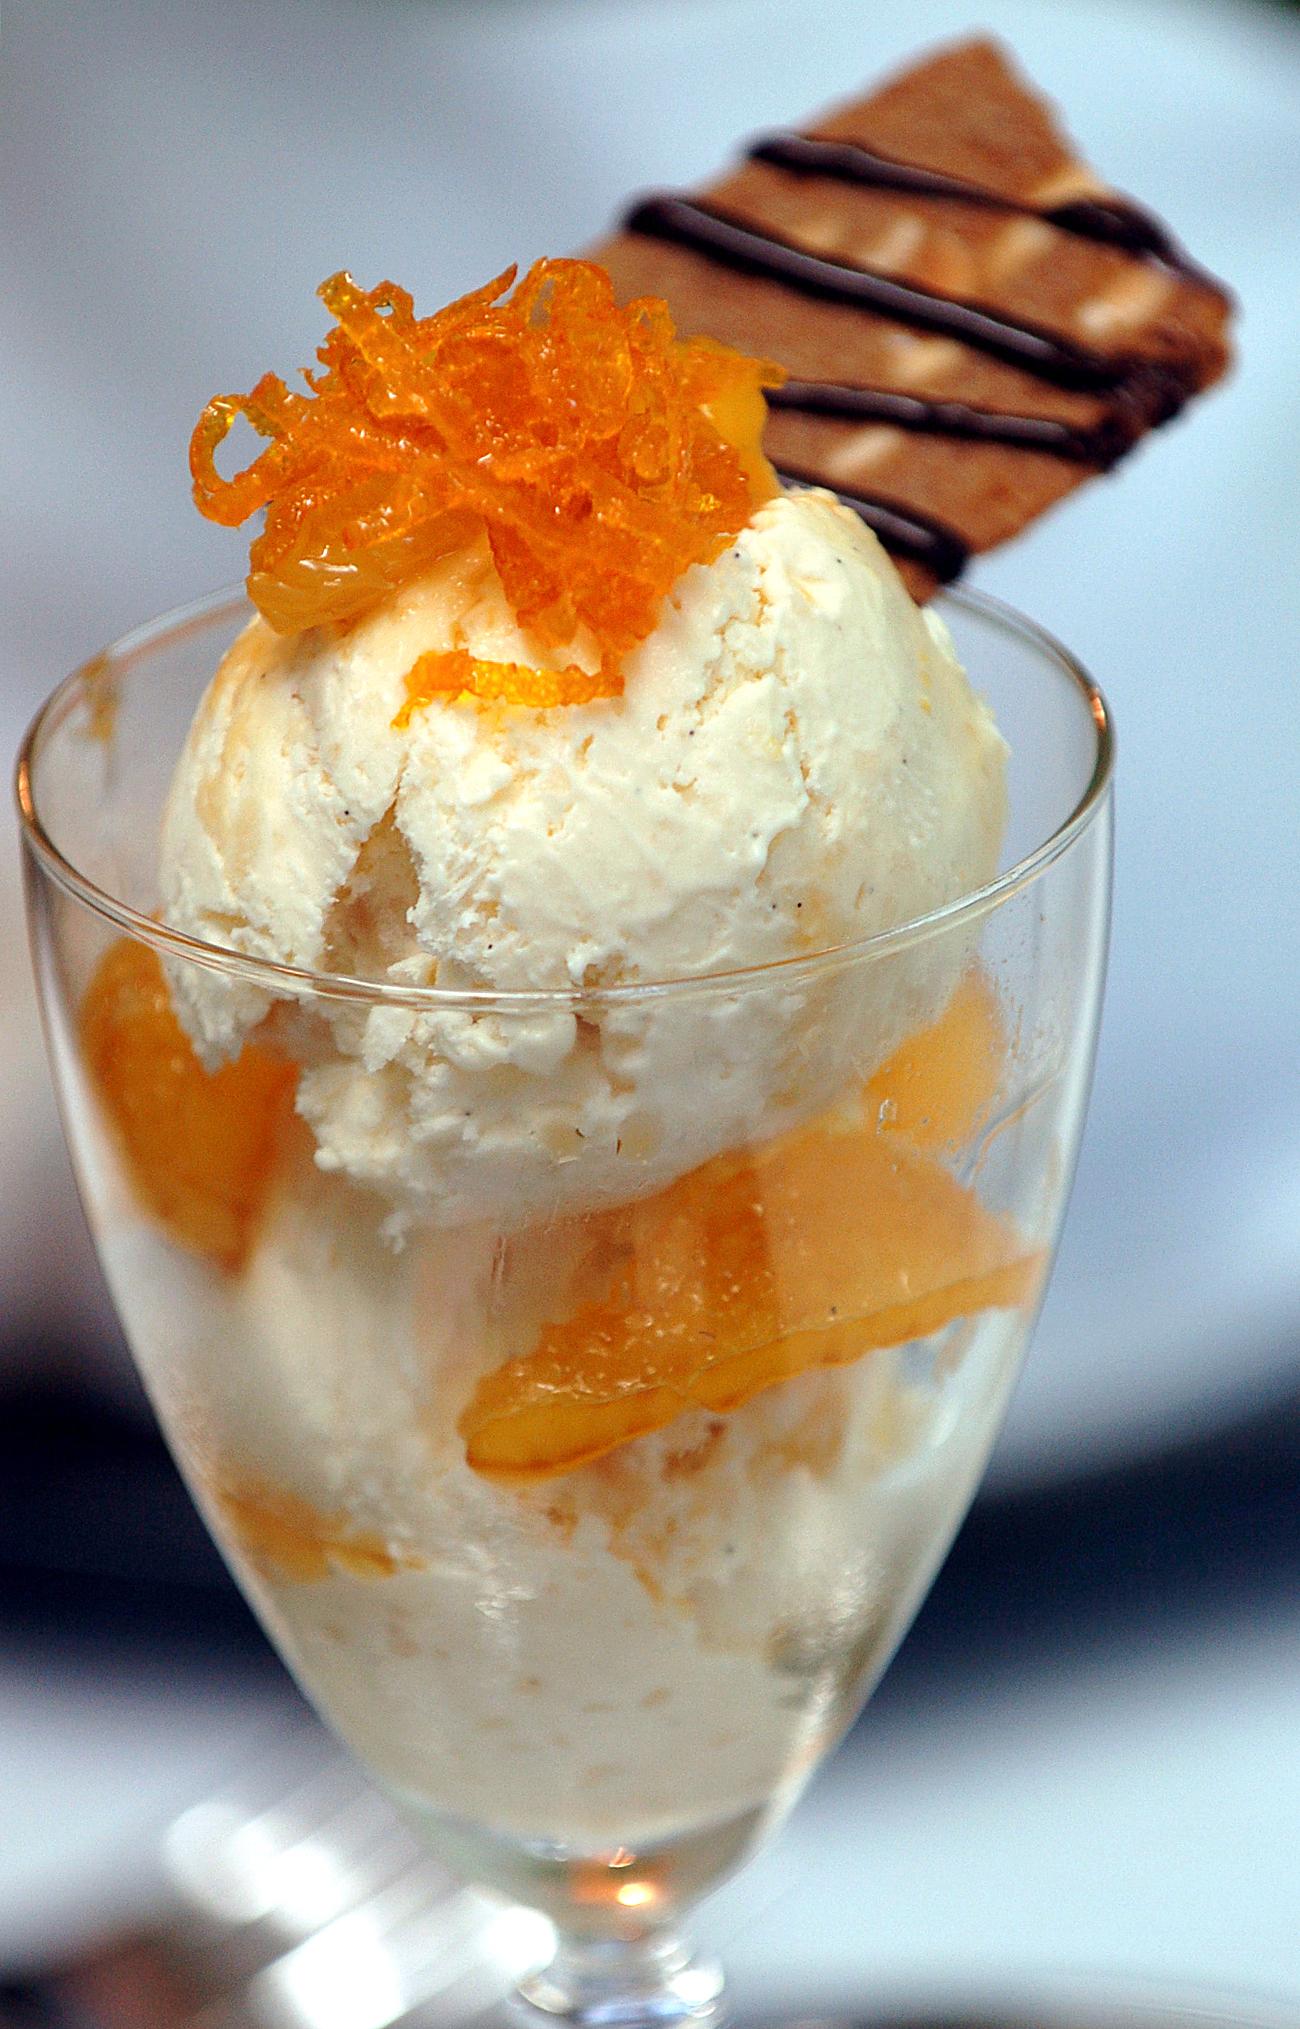 Italian Rice Ice Cream with Amaretto Orangest © Kevin Ashton 2005